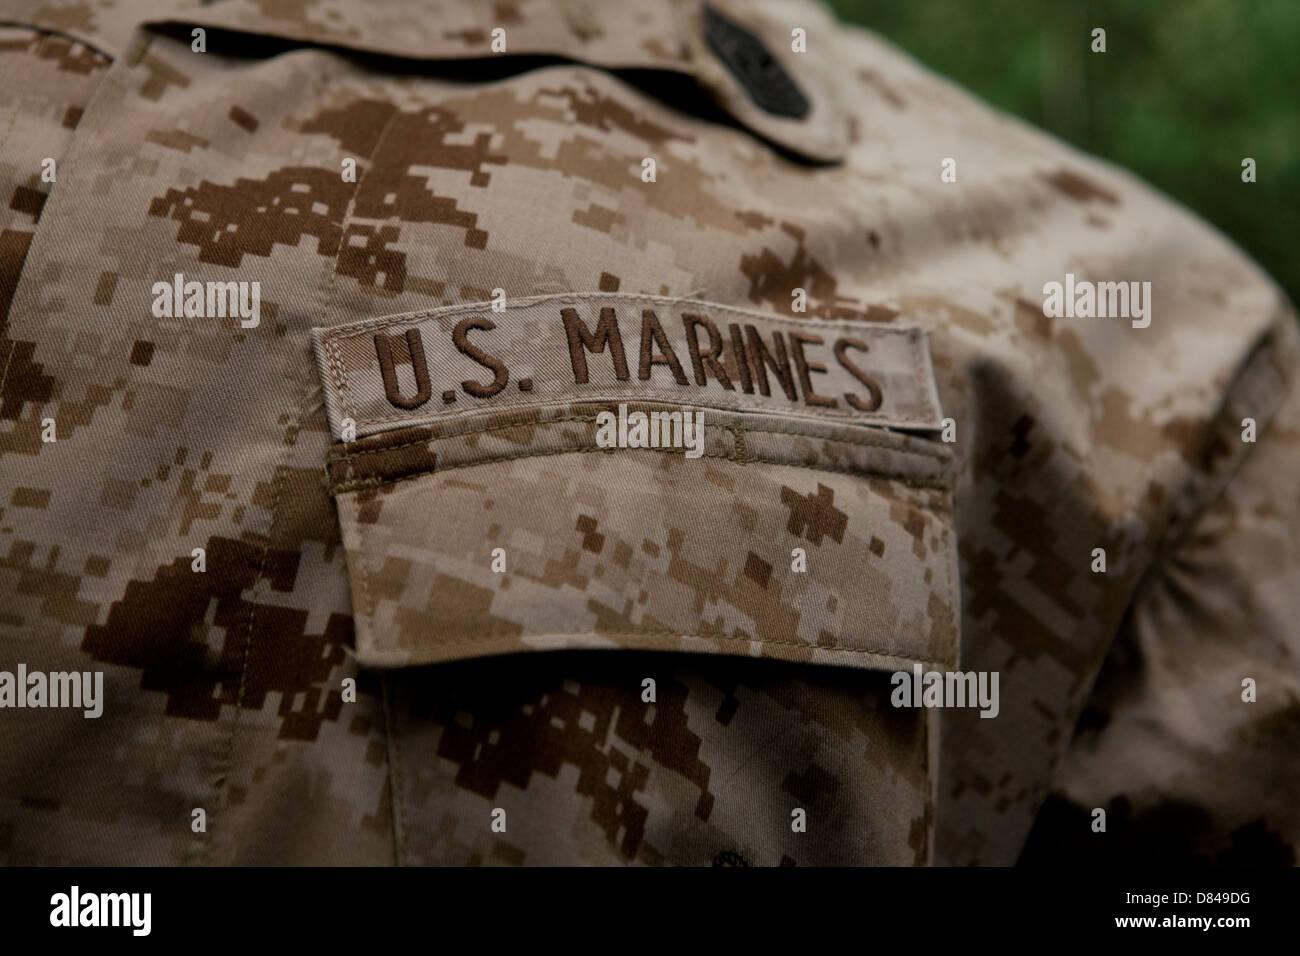 US Marine Corps tape on combat utility uniform - Stock Image